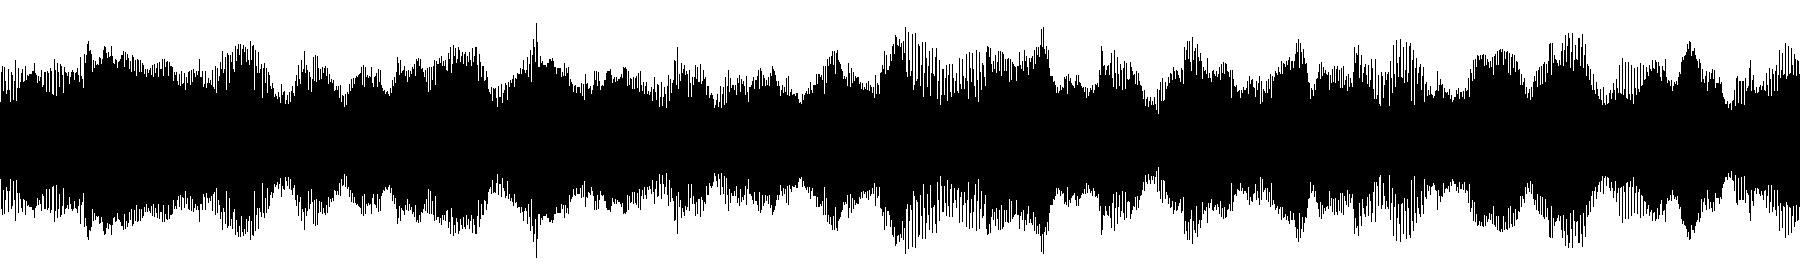 bass2 125